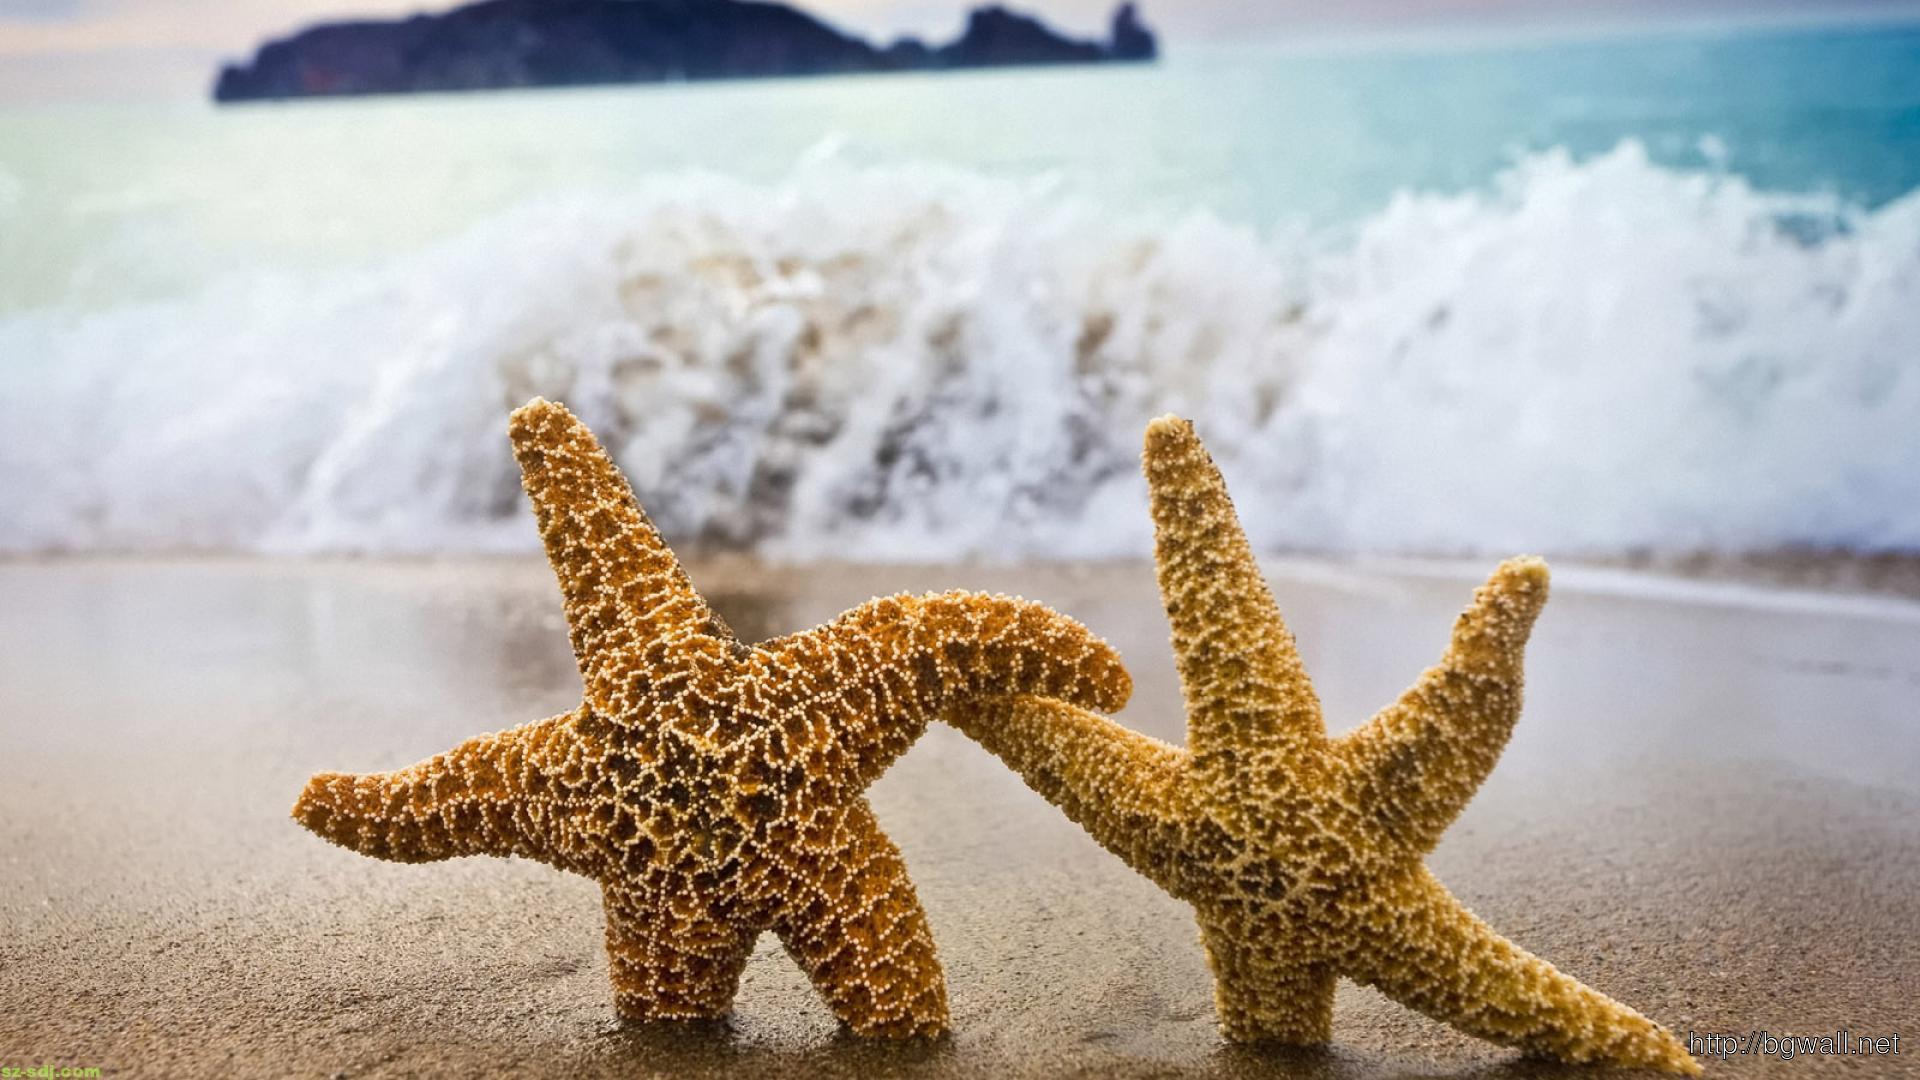 funny-star-fish-desktop-wallpaper